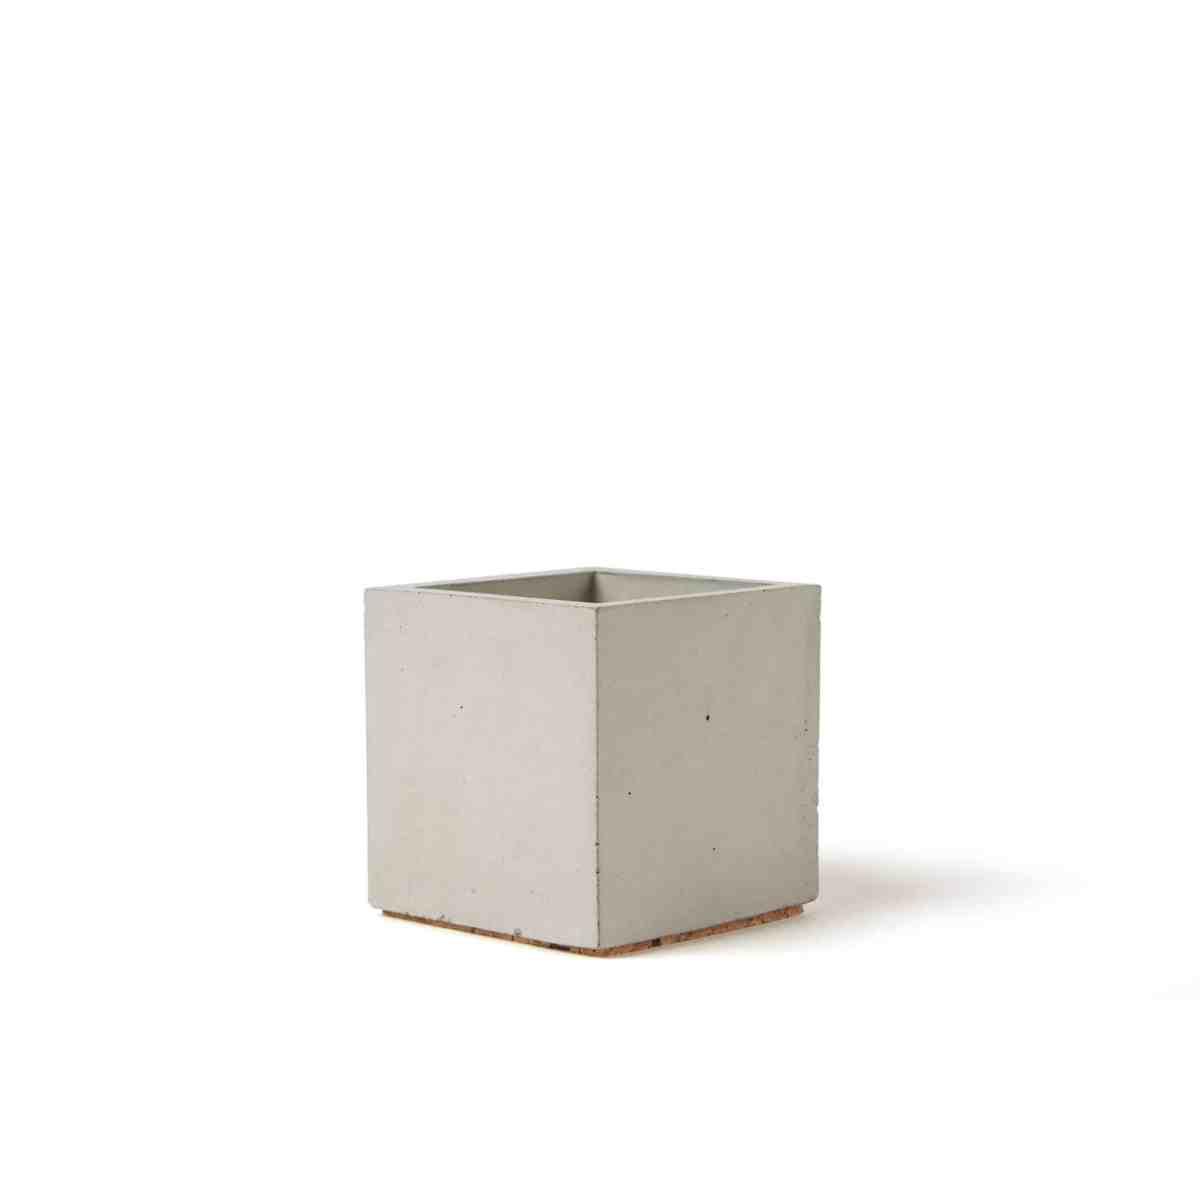 Cubus-Mini-Pot-003